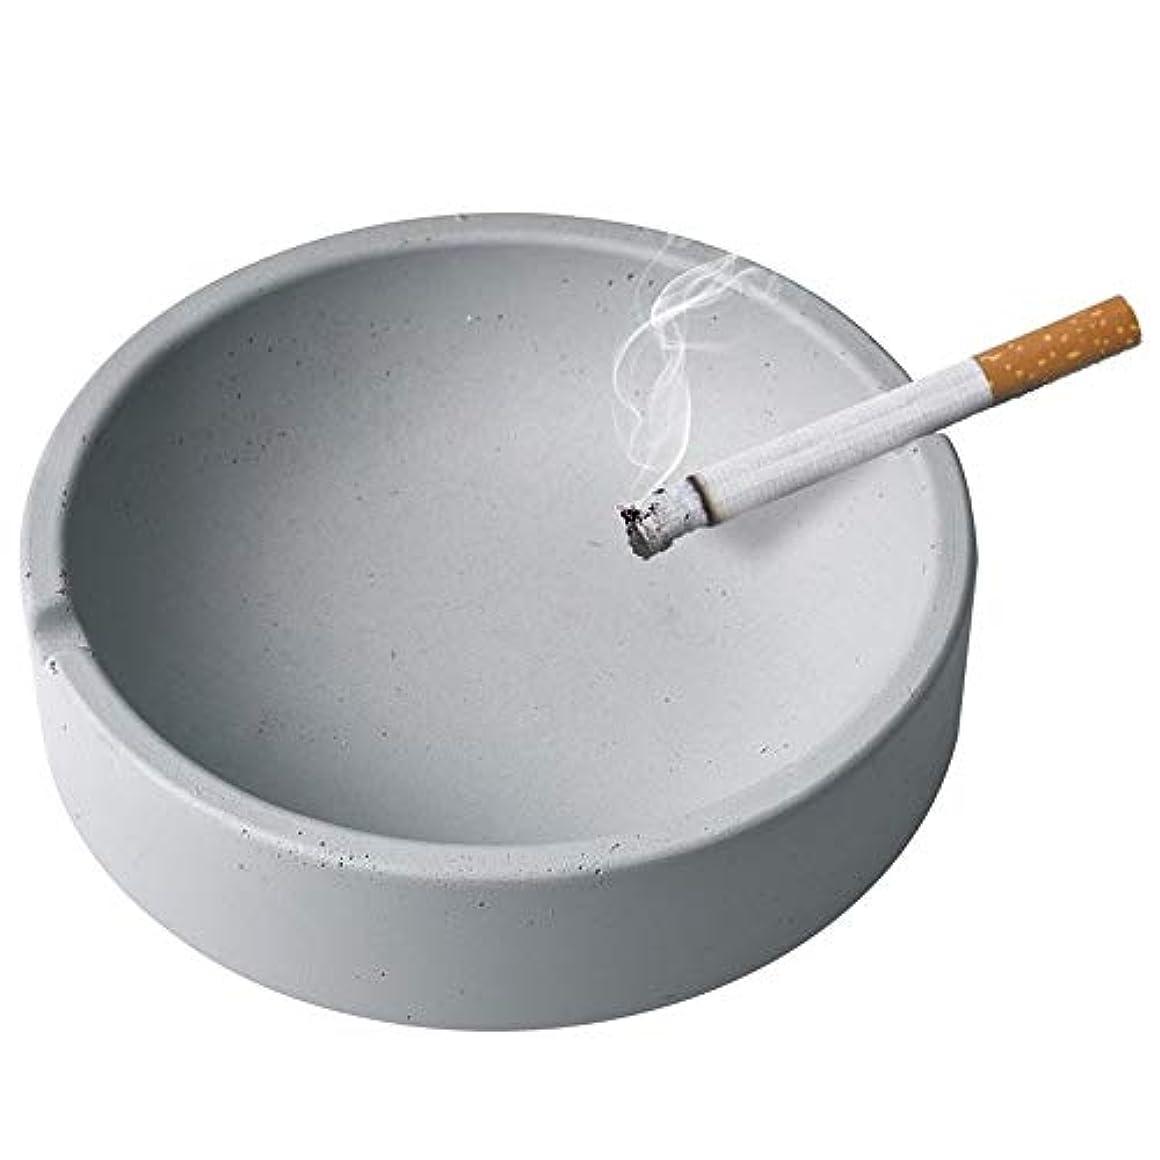 受付カスタム危険を冒します家庭用産業風コンクリート灰皿、パーソナライズ屋外灰皿、多人数使用シーンリビングルームオフィスレストラン灰皿装飾 (Size : L)